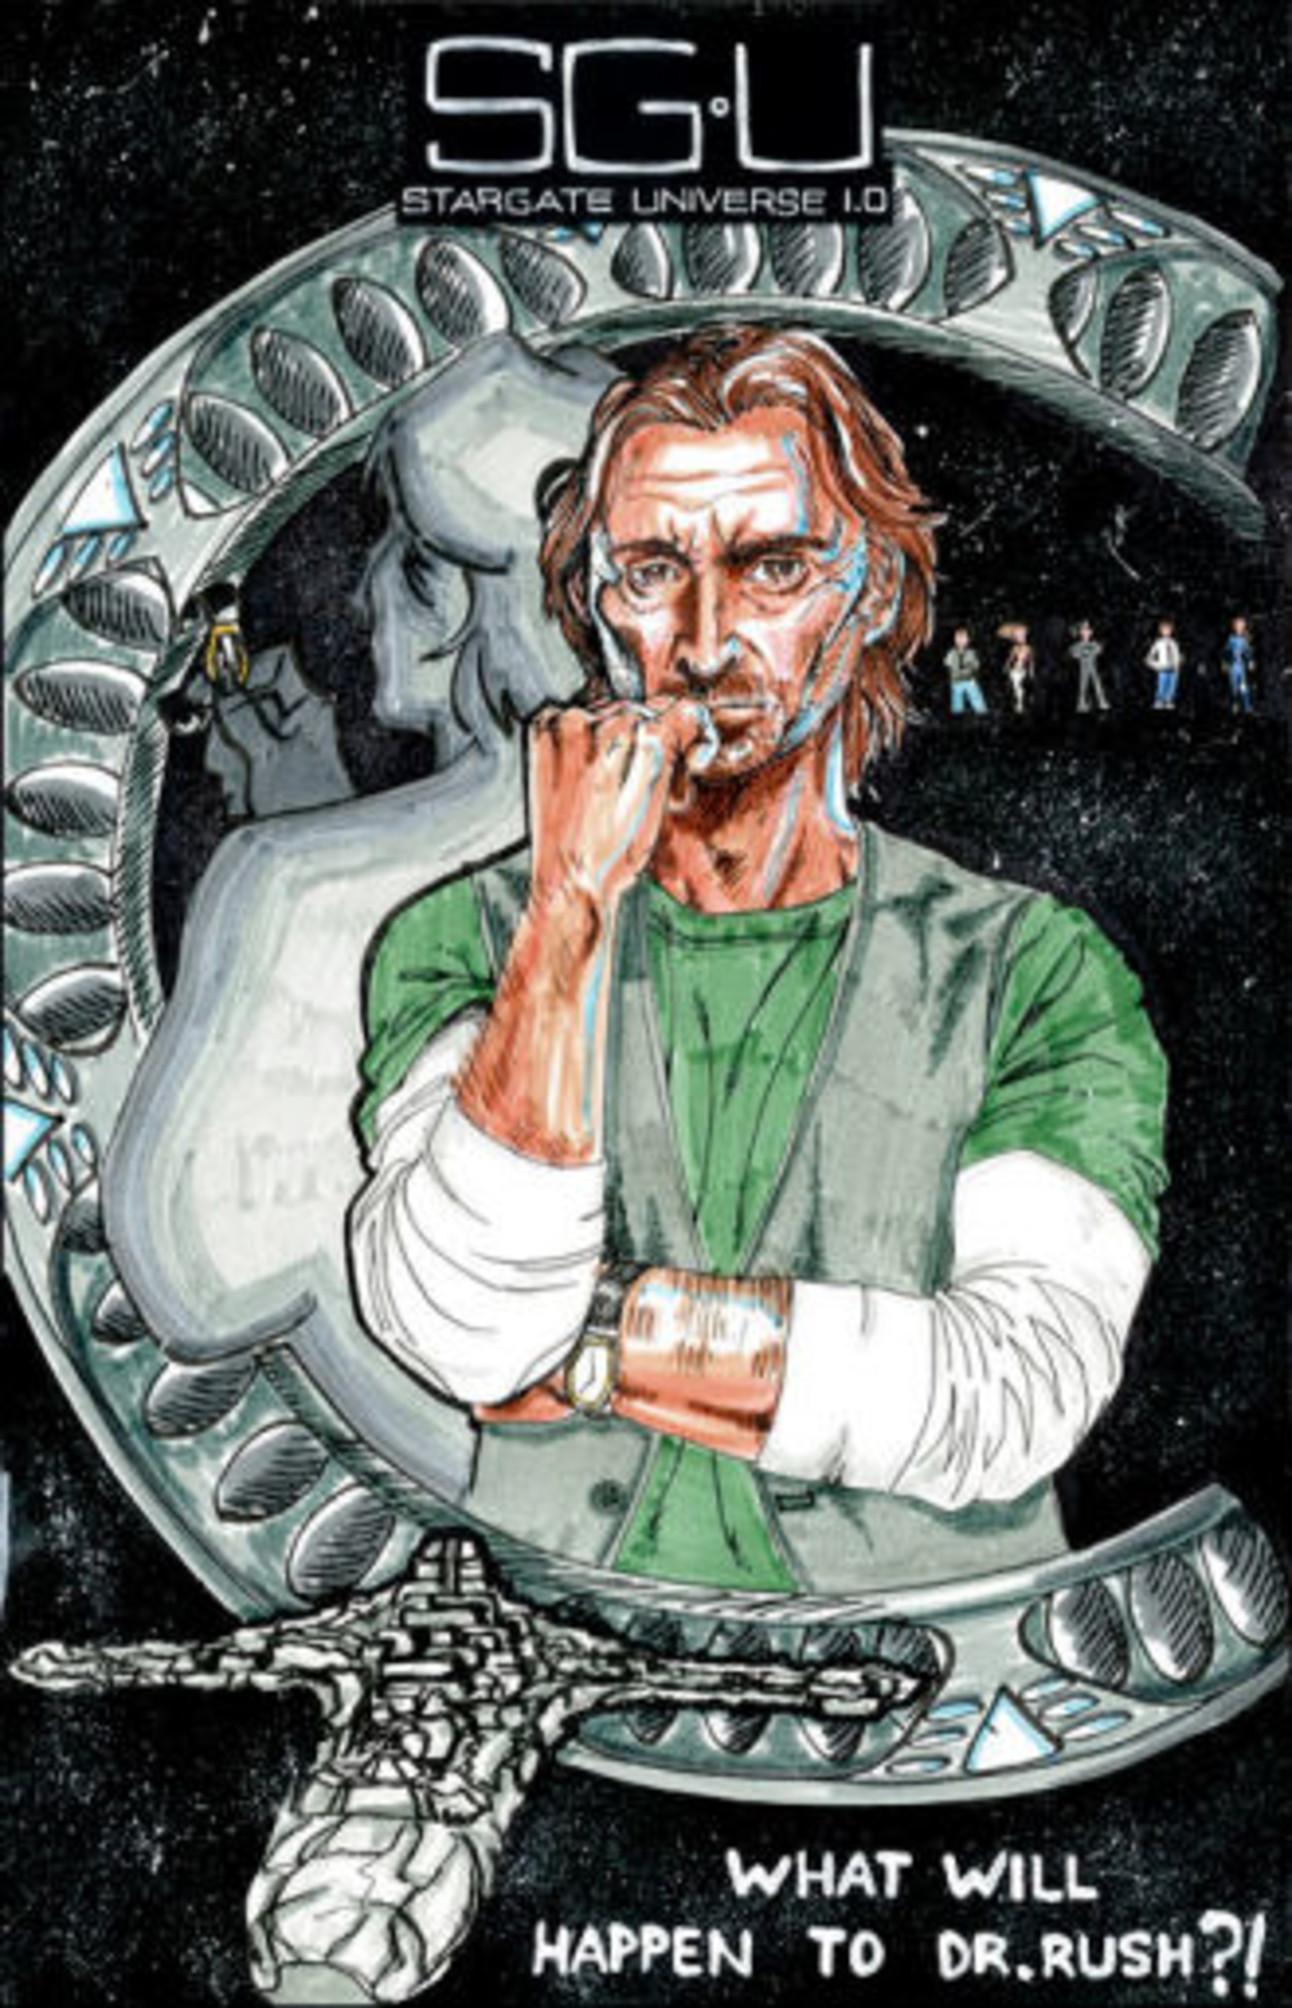 Stargate_Universe_comic_drrush.jpg